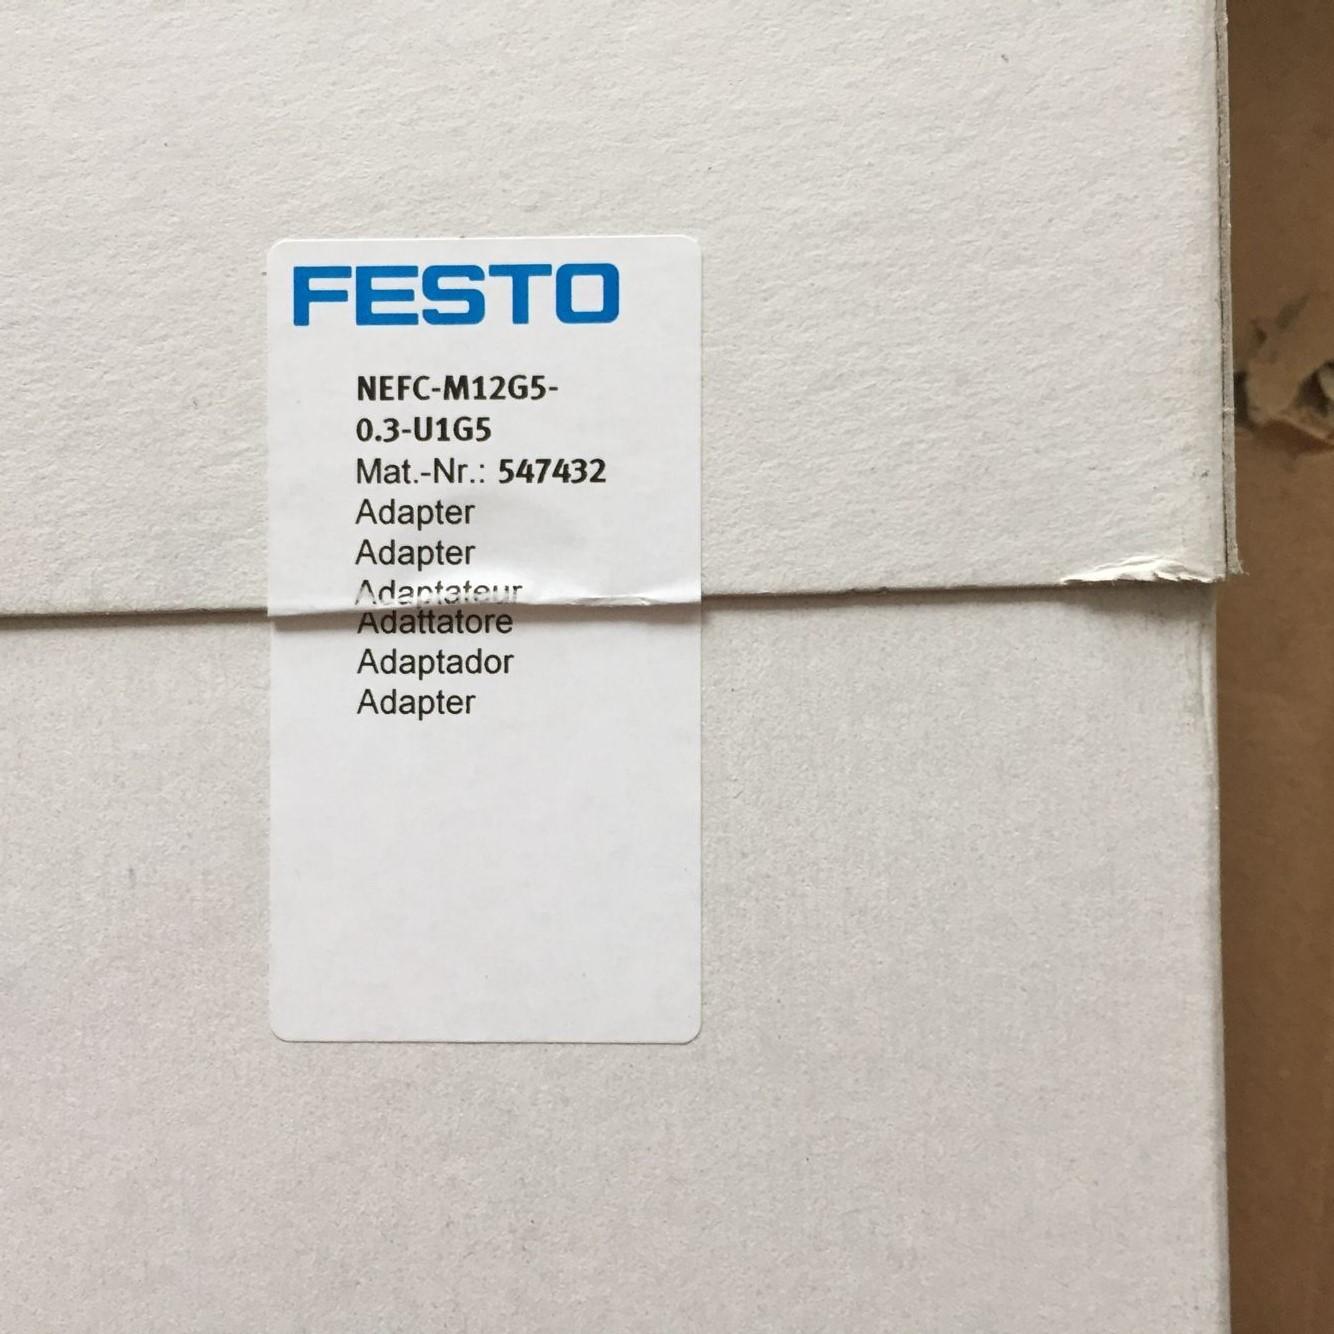 FESTO NEFC- M12G5 -0.3-U1G5 547432